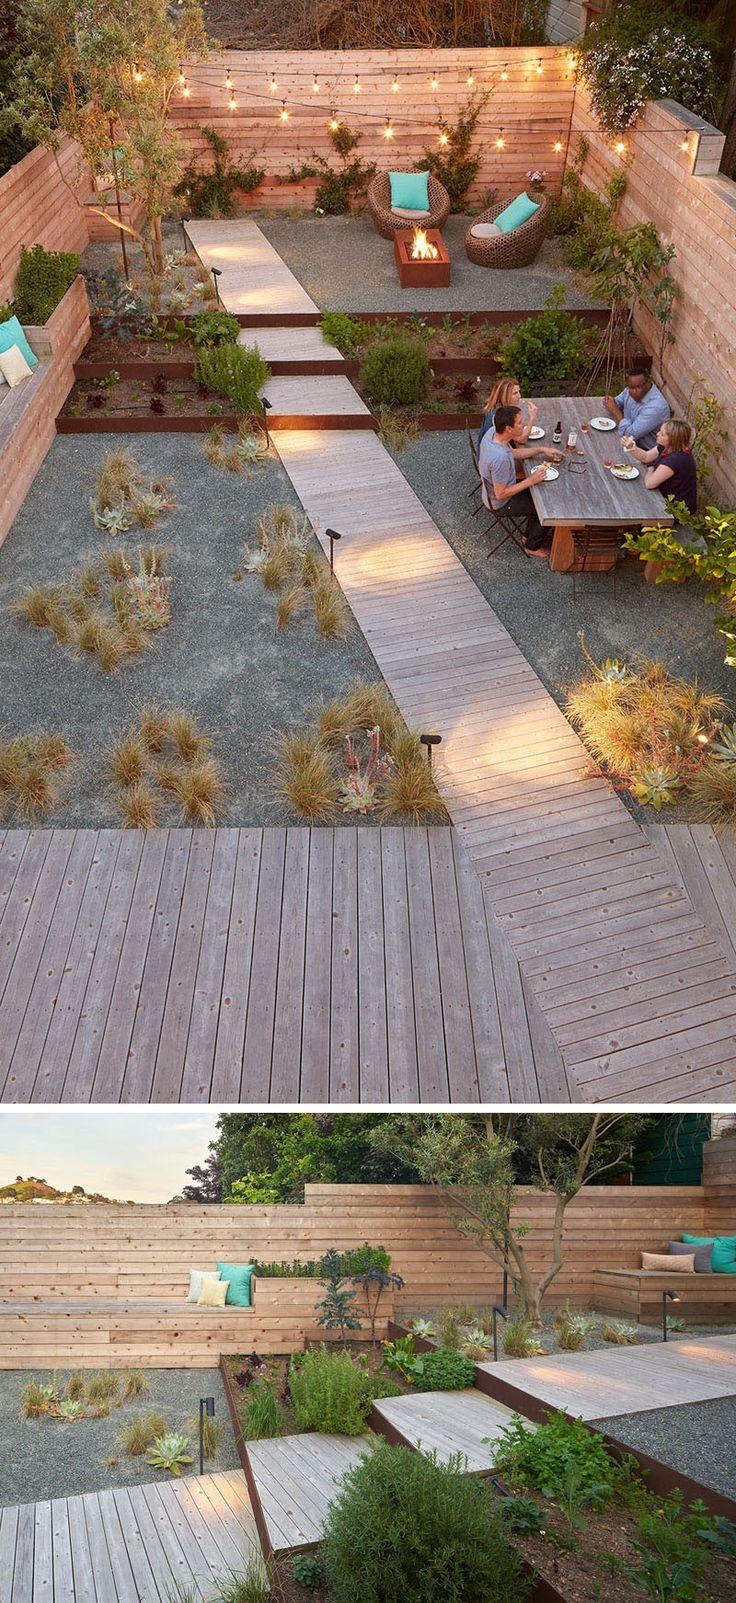 Este quintal totalmente ajardinado tem o espaço dividido em várias seções, como jantar, socializar, e descansar.  Ao longo de um lado do quintal, é um banco de madeira, que quase corre todo o comprimento do espaço.